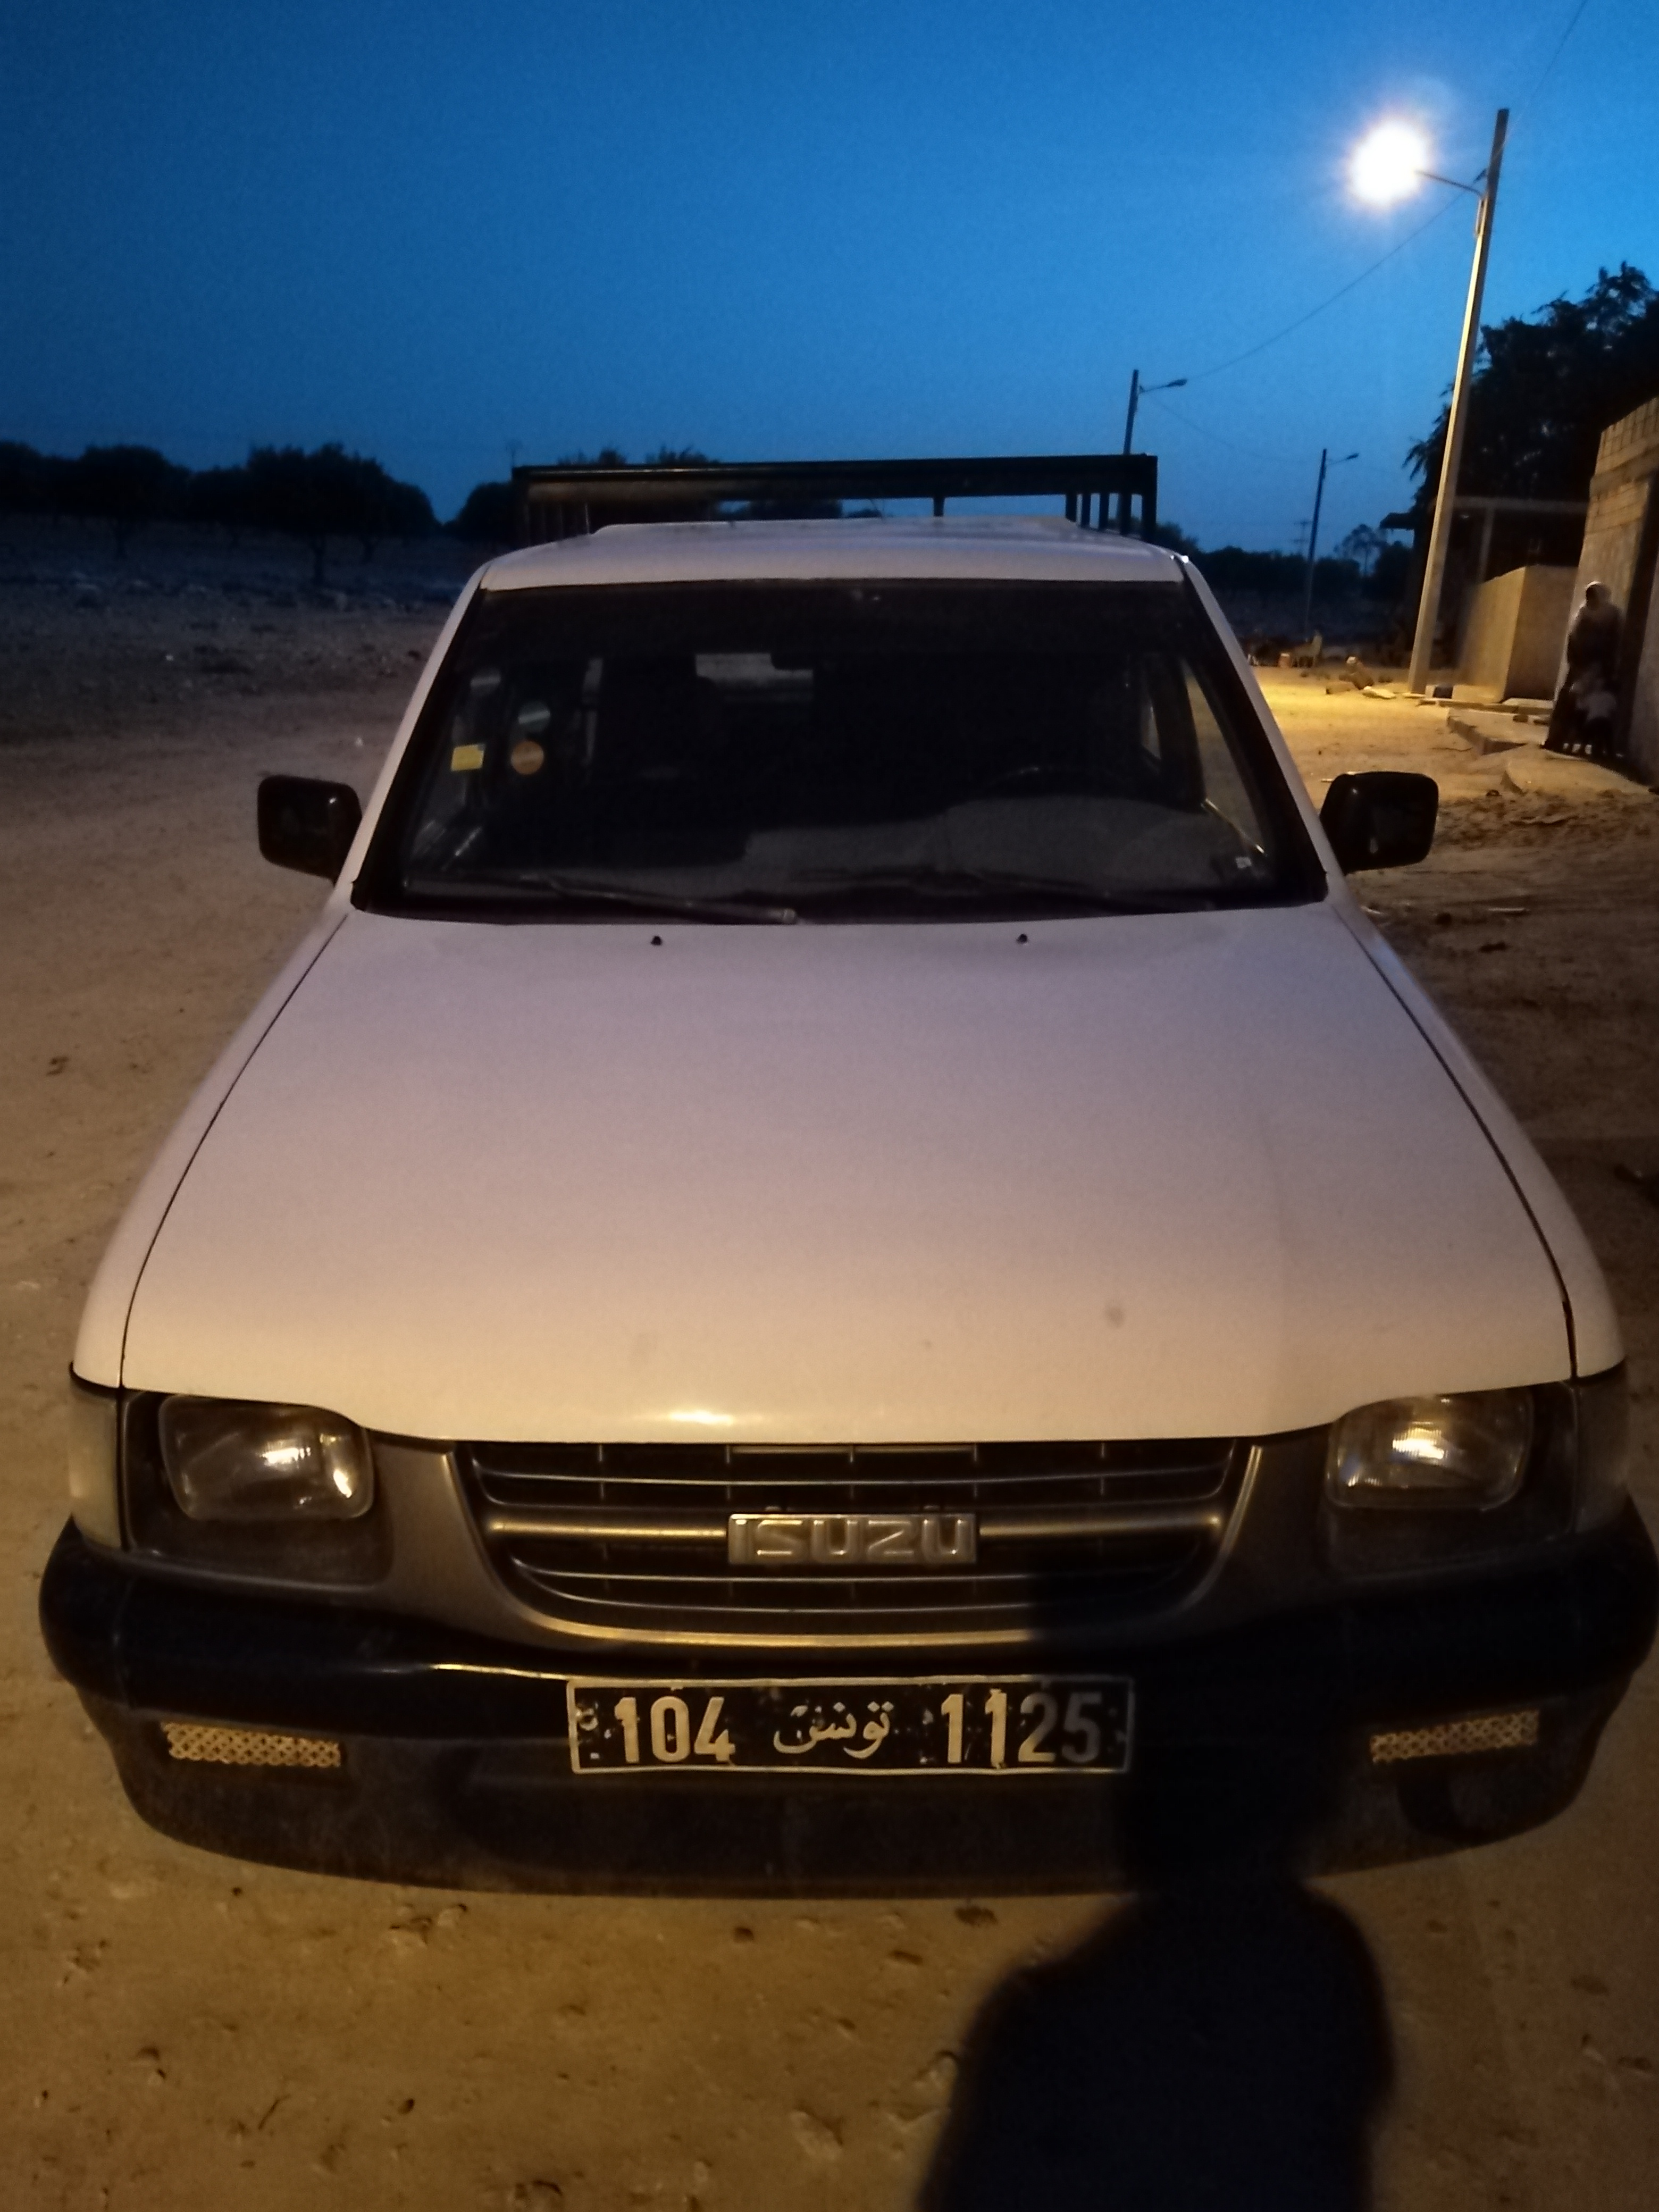 vente voiture occasion utilitaire tunisie isuzu isuzu